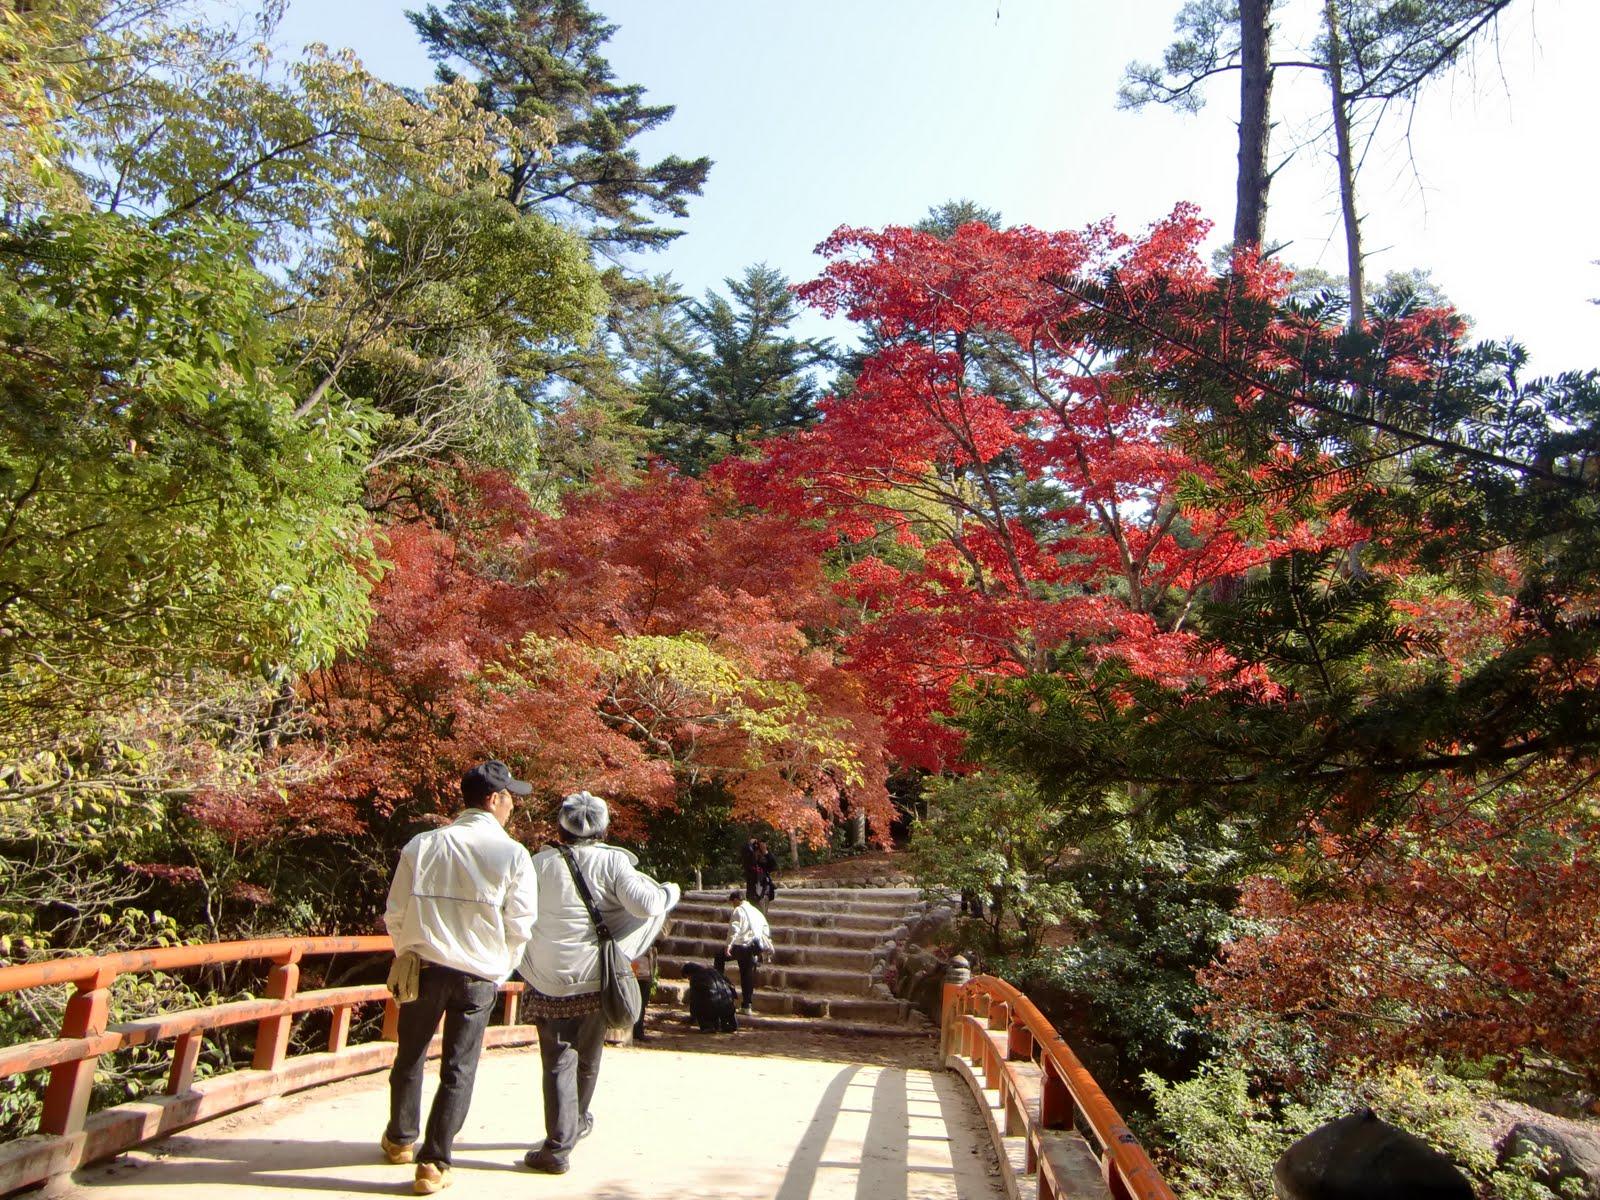 日本各地紀行: 11月の紅葉谷公園